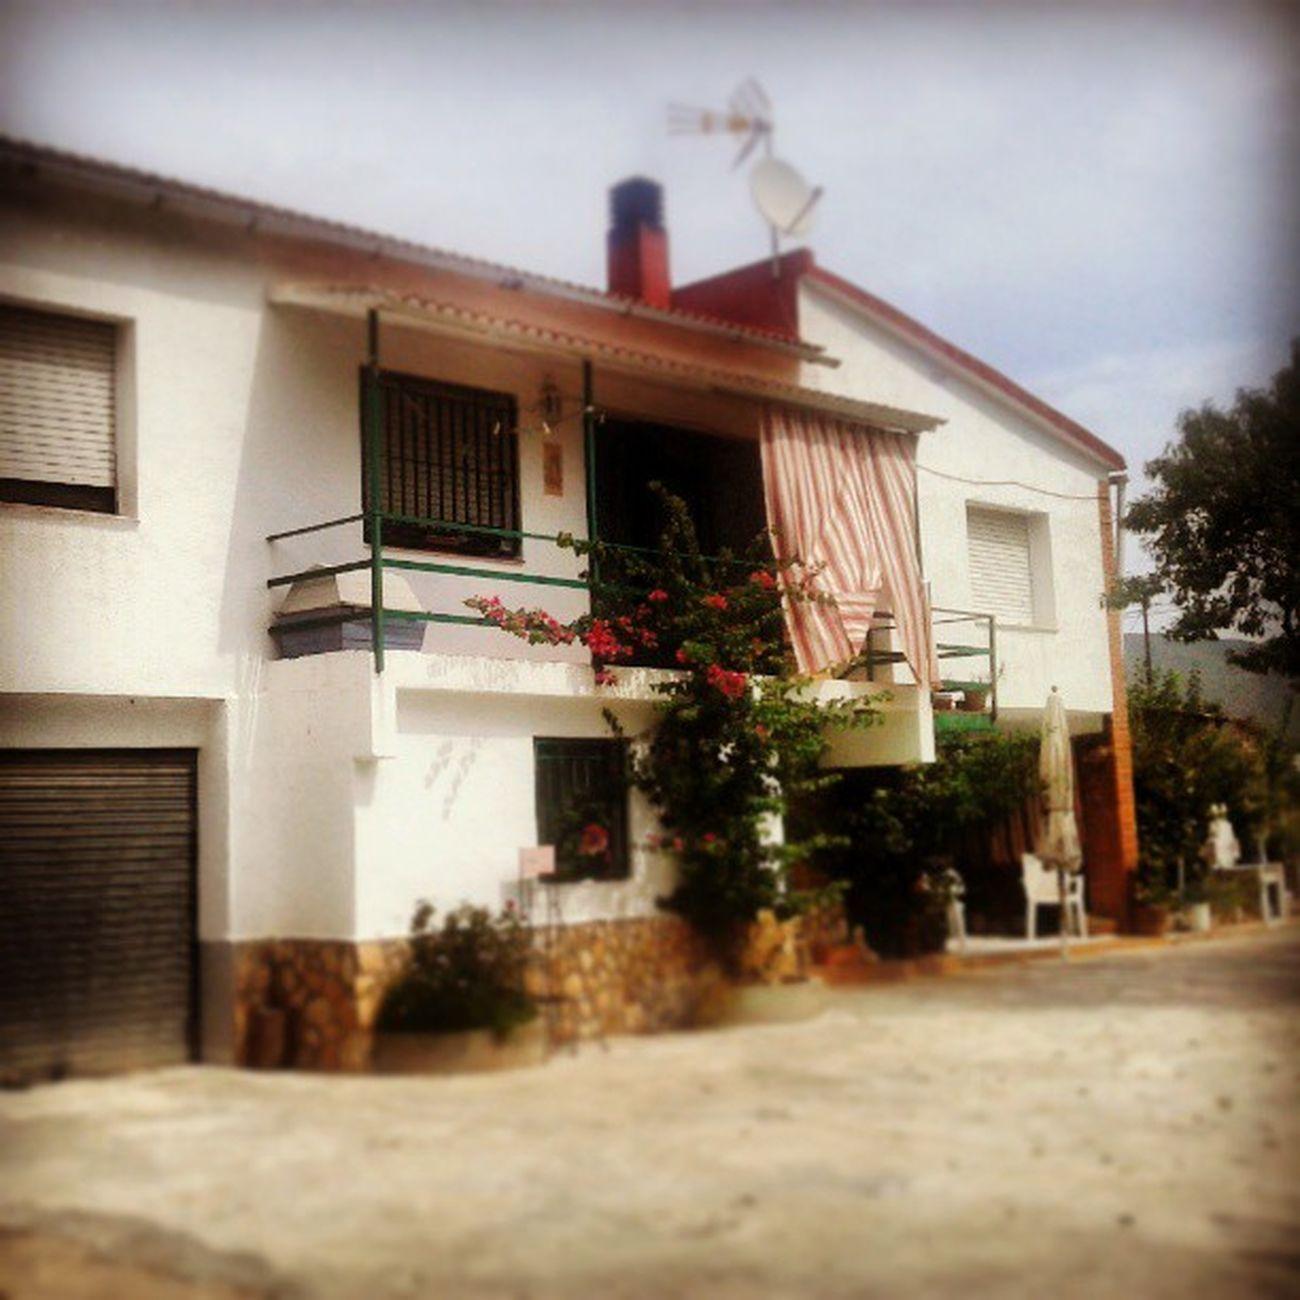 Ya han pasao las 2 semanas en la Joncosadelmontmell Tarragona . Ahora de vuelta a Bcn Barna barcelona pero antes 2 dias en blanes